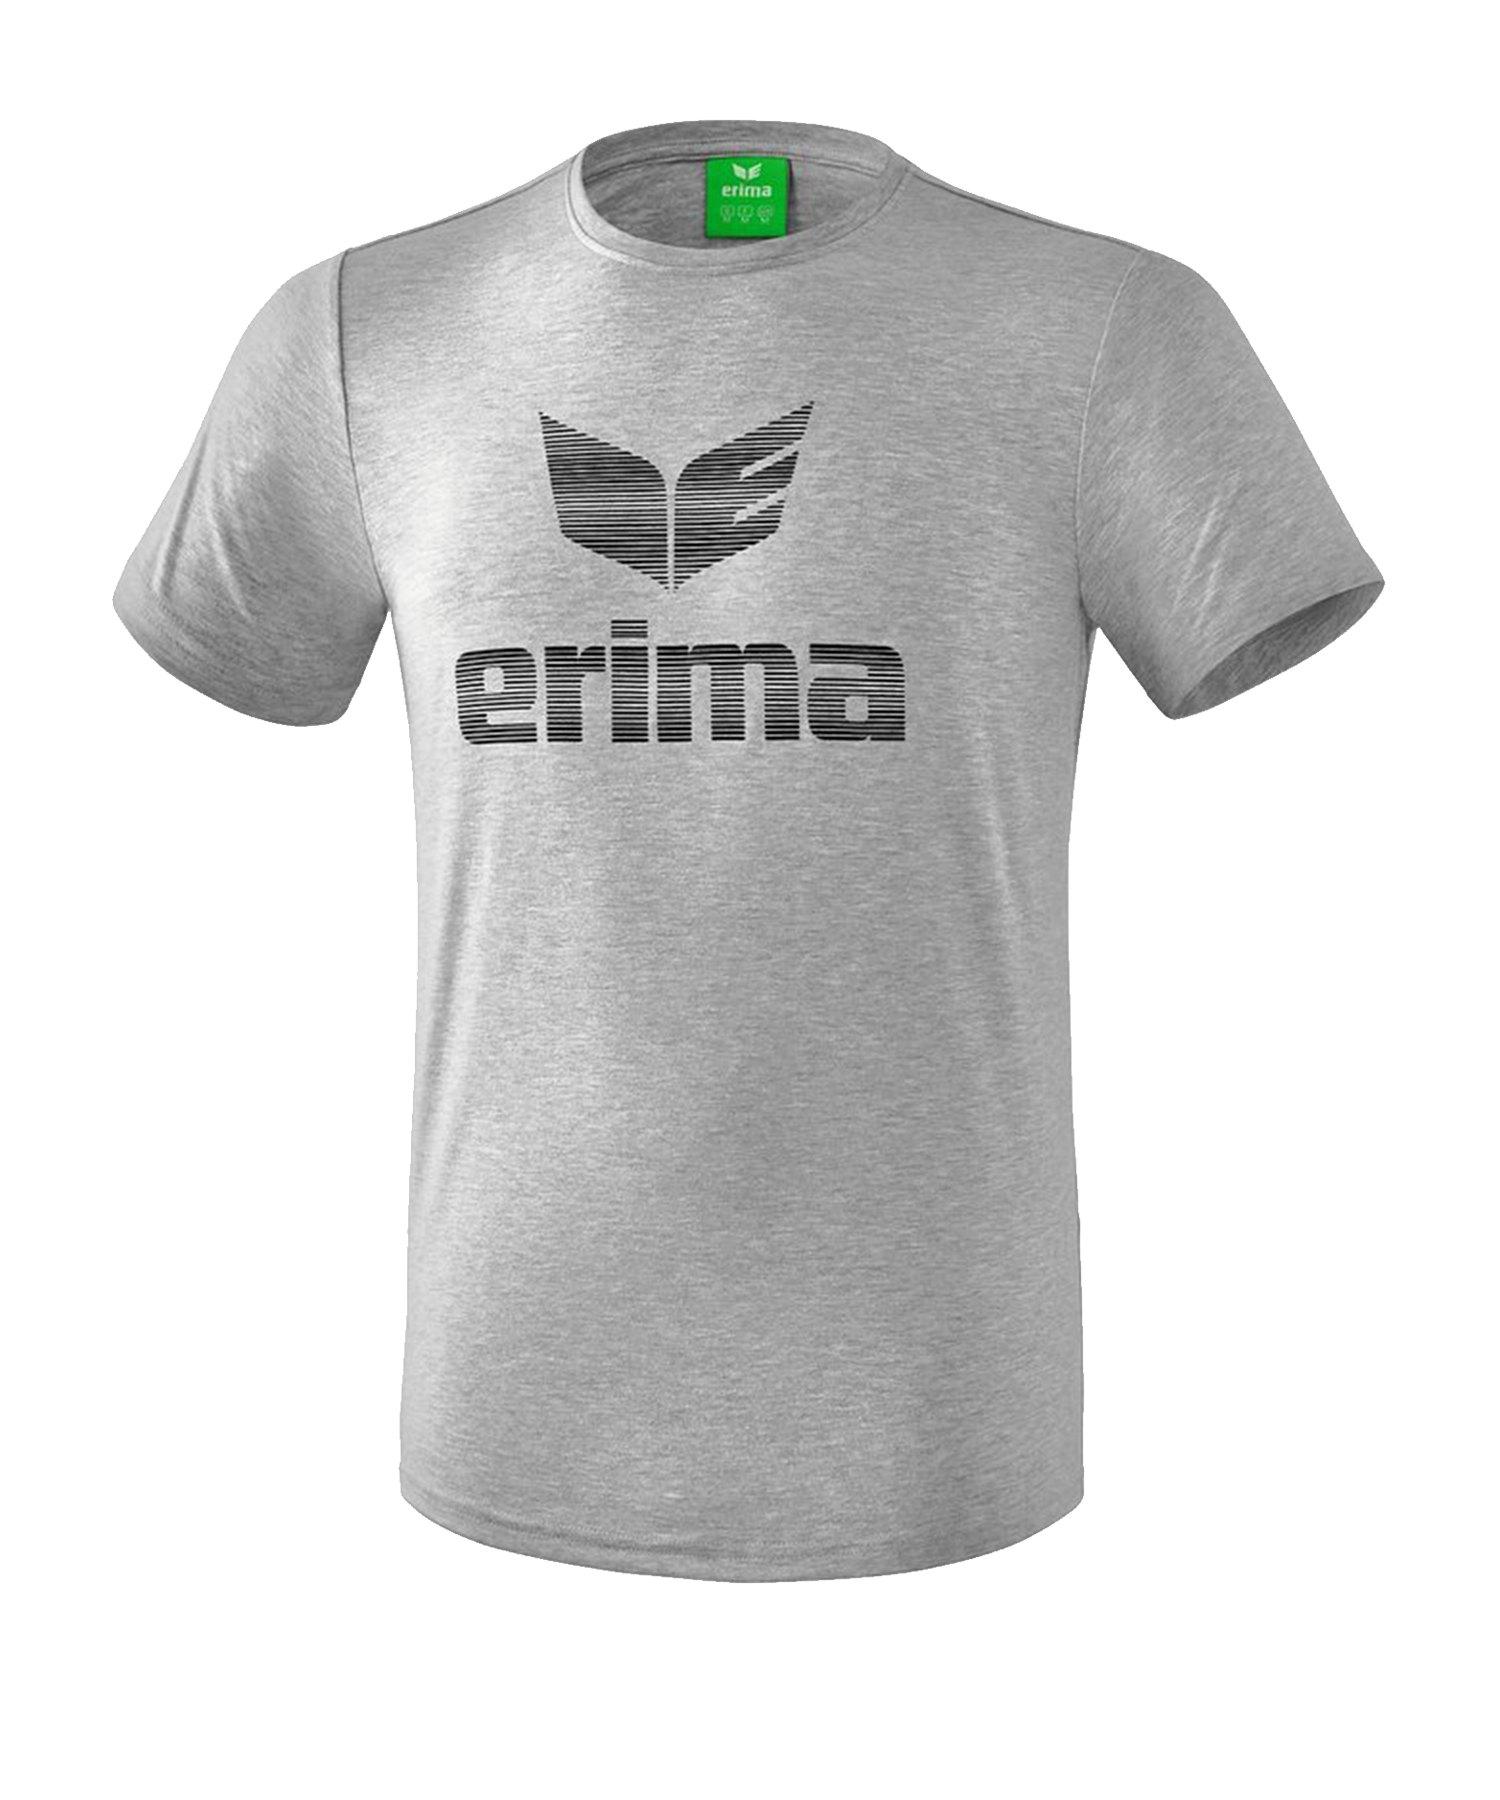 Erima Essential T-Shirt Grau Schwarz - Grau